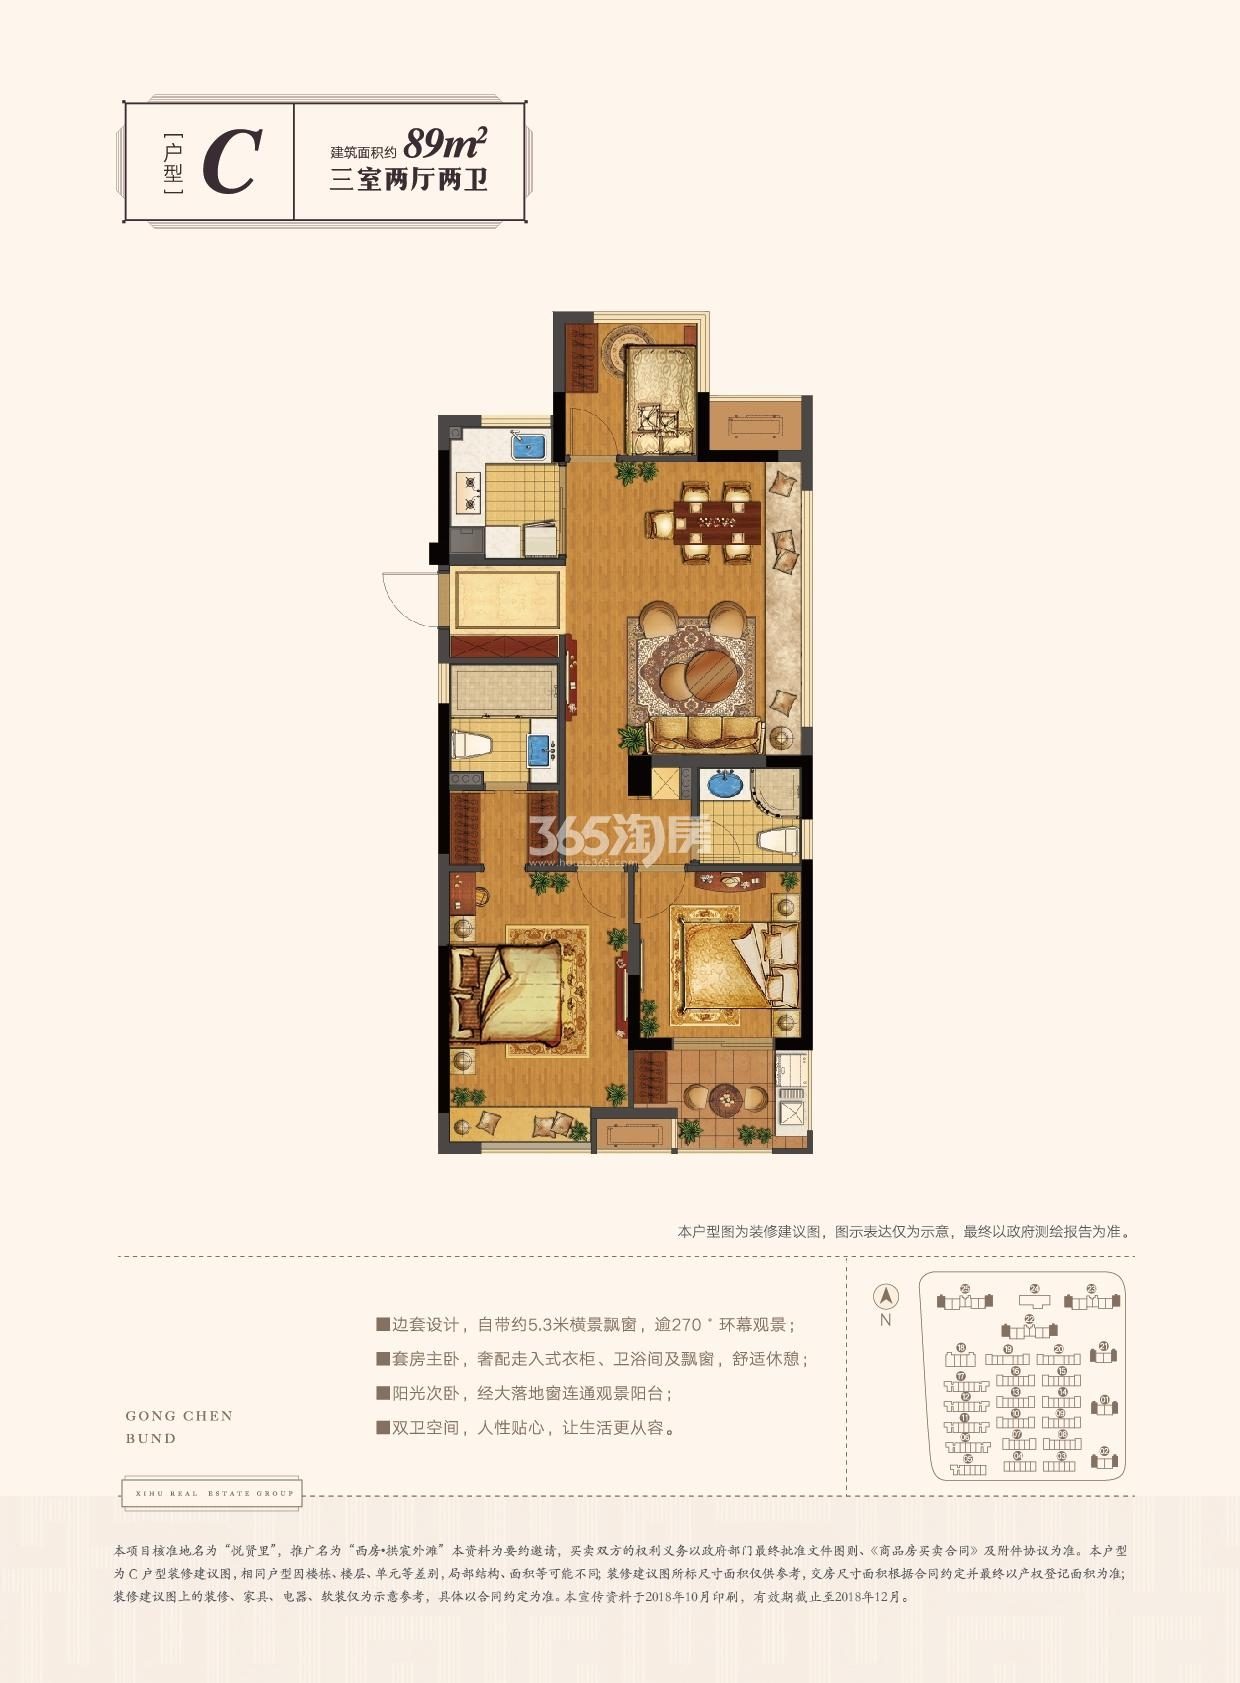 西房拱宸外滩1、21、22、23、25号楼边套C户型 89㎡